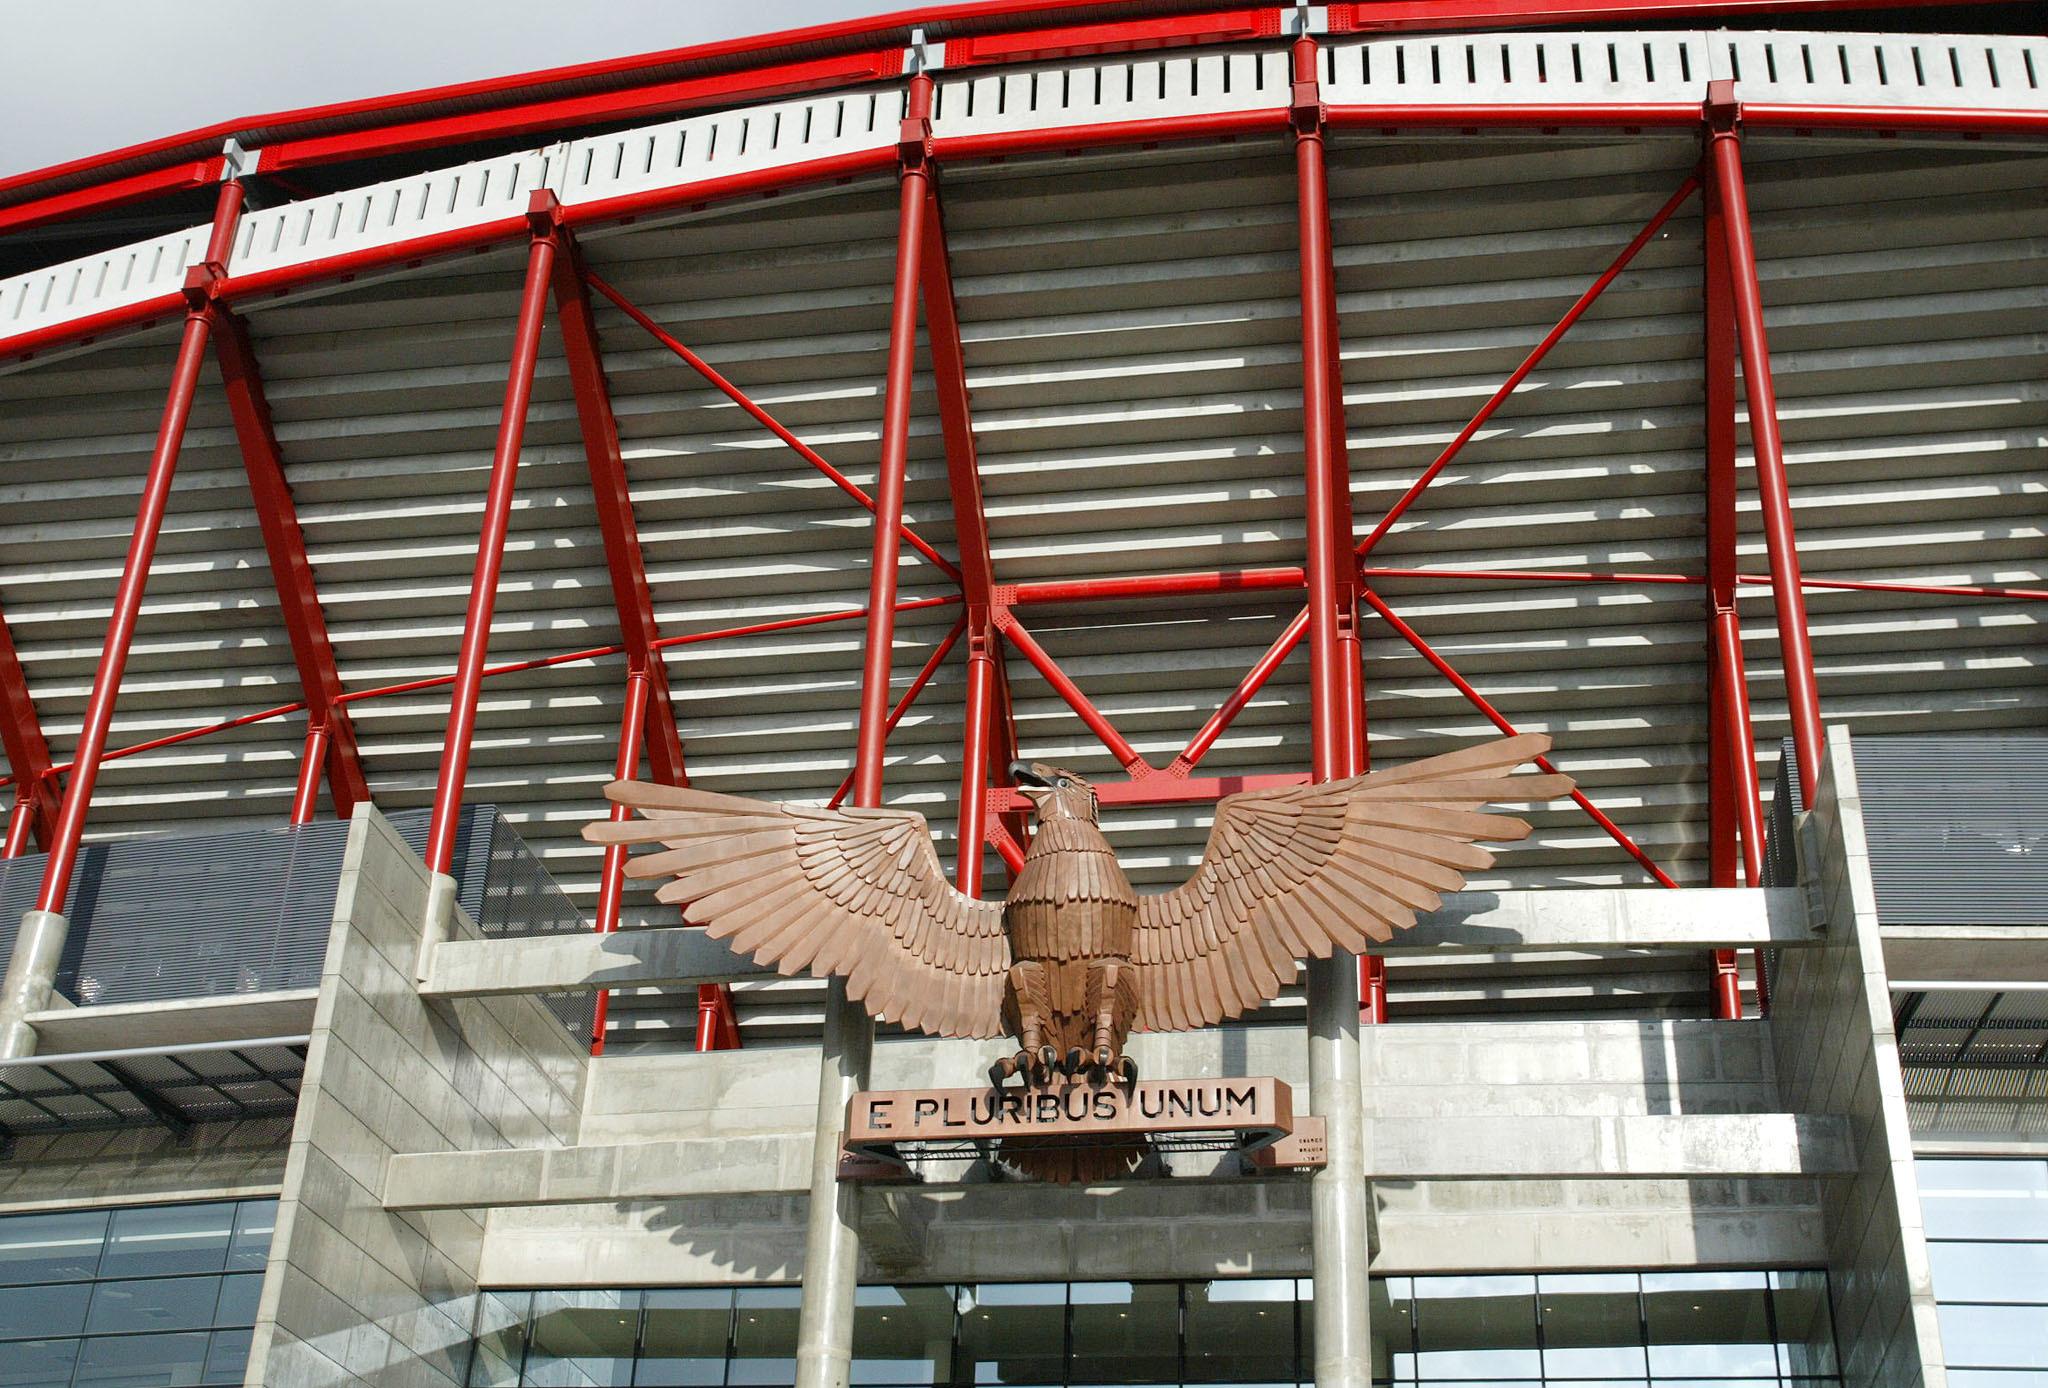 Plantel do Benfica voltou a treinar no relvado do Estádio da Luz